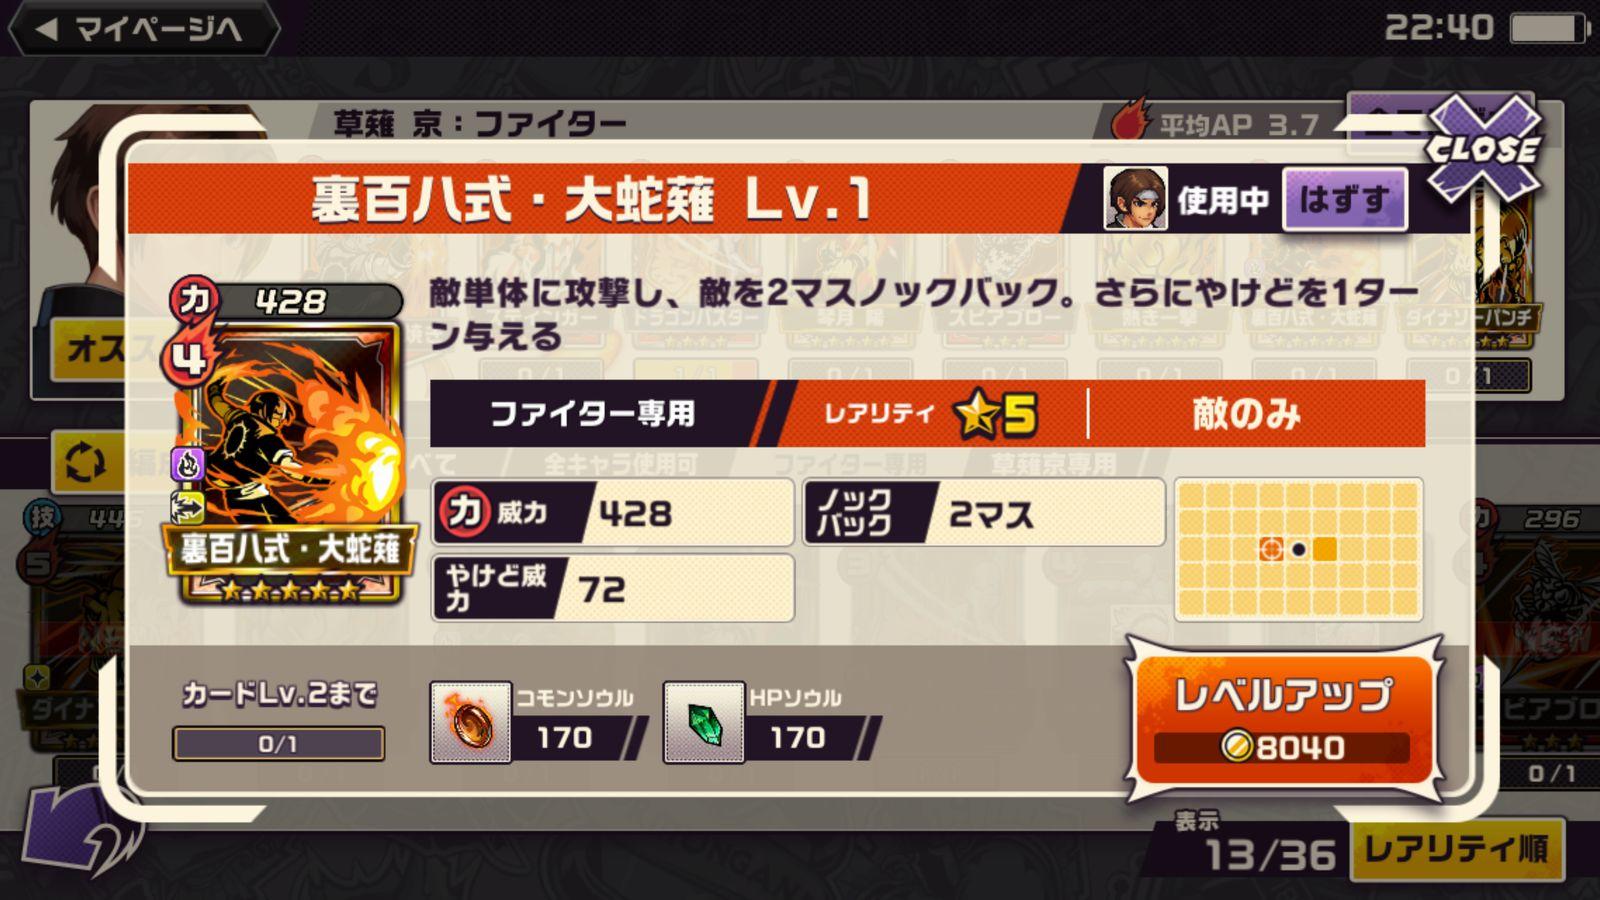 東京プリズン【攻略】: これでKOFコラボはばっちり!イベントの歩き方まとめ